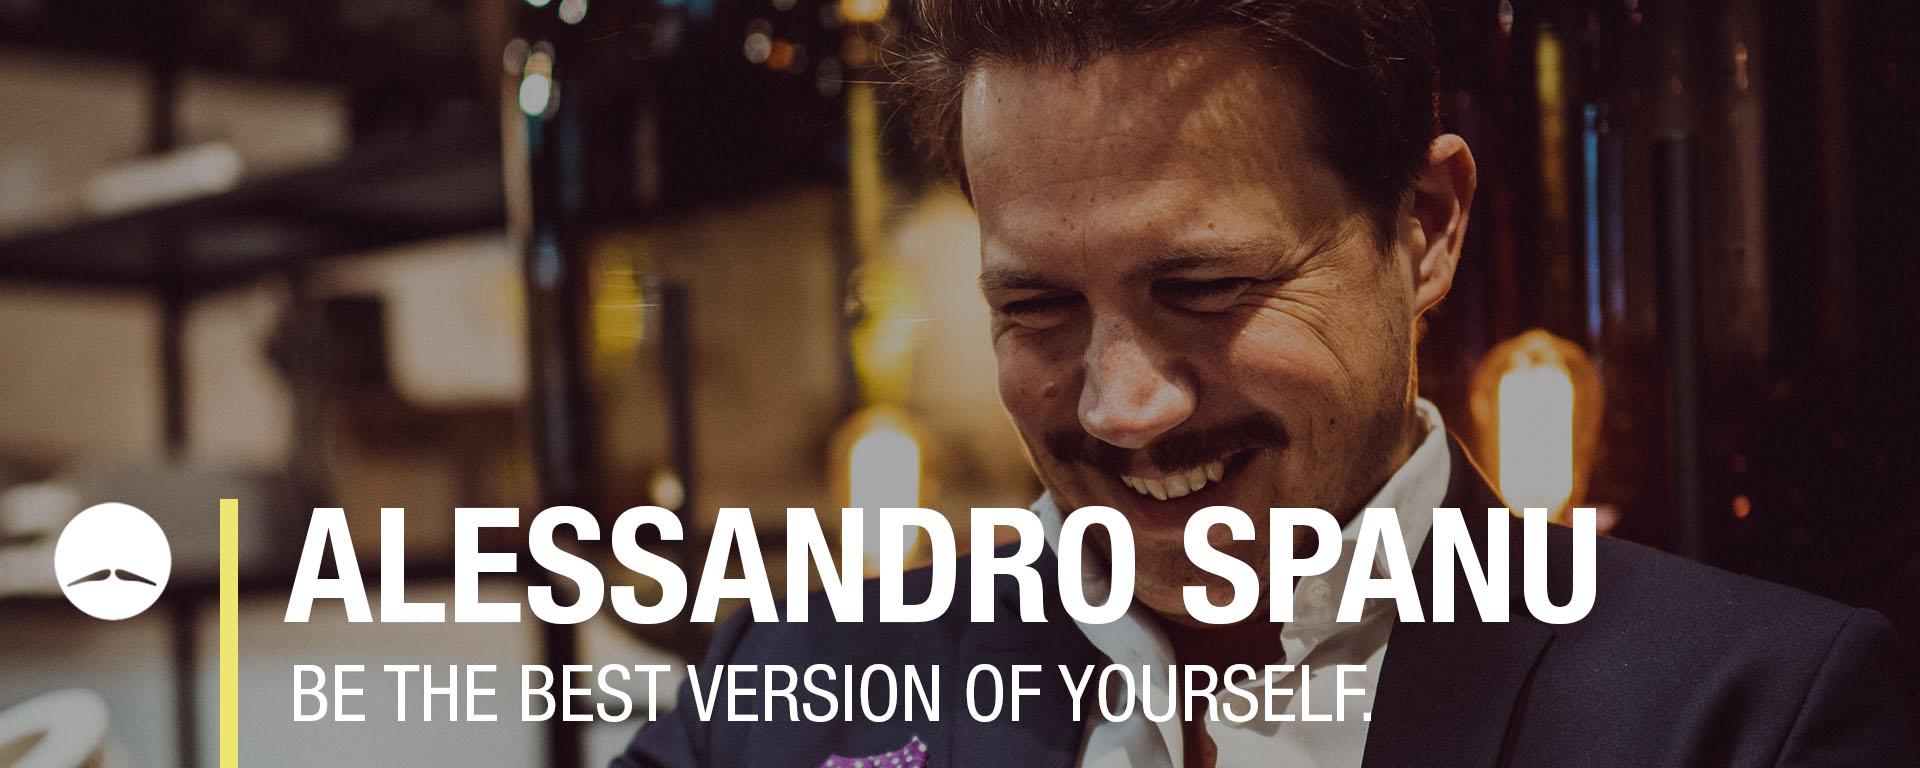 Coach für Leadership, Change, Kommunikation | Alessandro Spanu